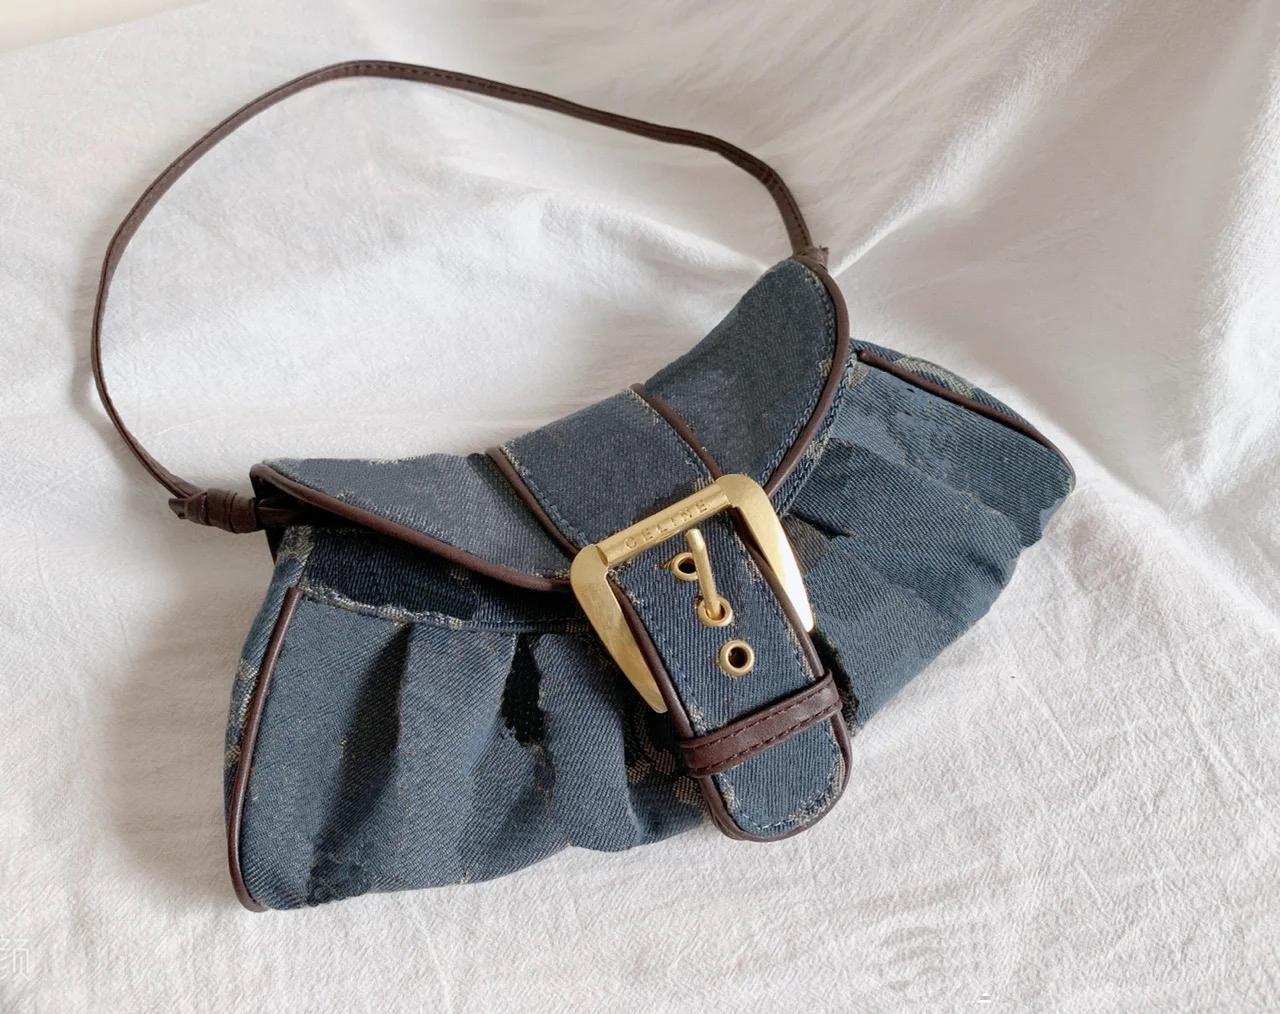 Мода леди подмышечные сумки нейлоновые дамы мини винтажный кошелек женщина рука сумка женские сумки девушки сумка 2021 роскошные джинсовые дизайнеры